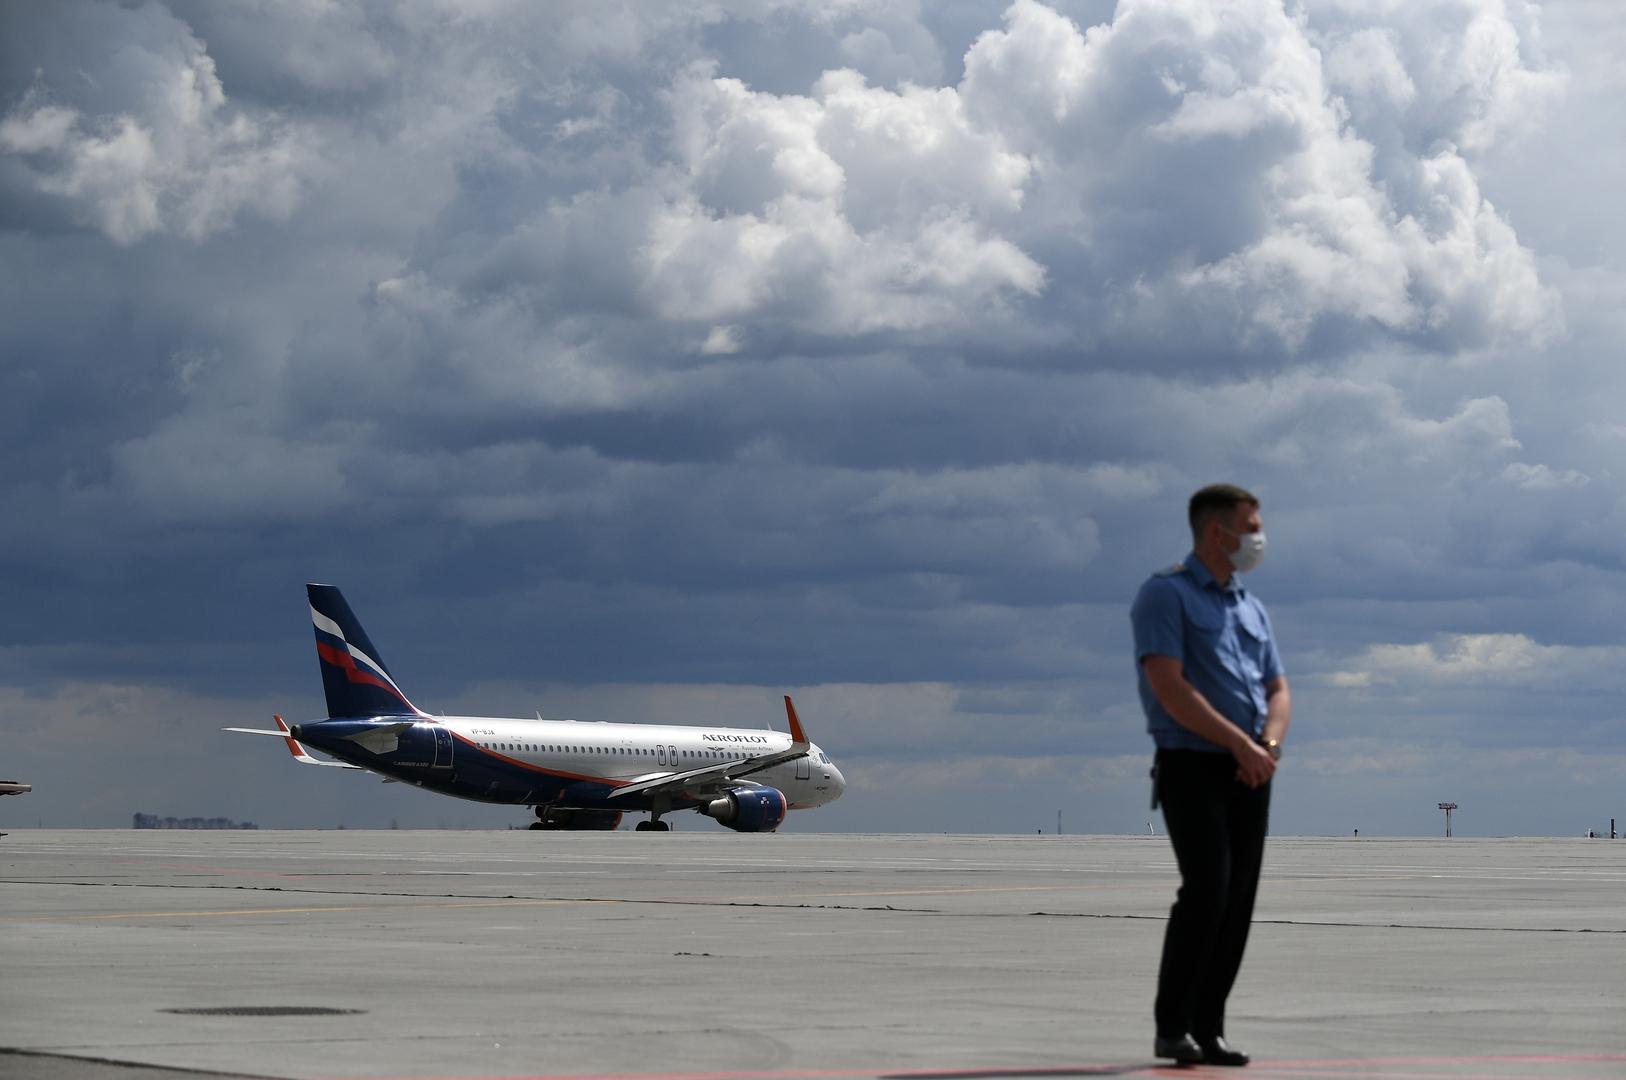 روسيا تستأنف رحلات الطيران مع 4 دول من ضمنها دولة عربية وتطلق رحلات جديدة إلى مصر